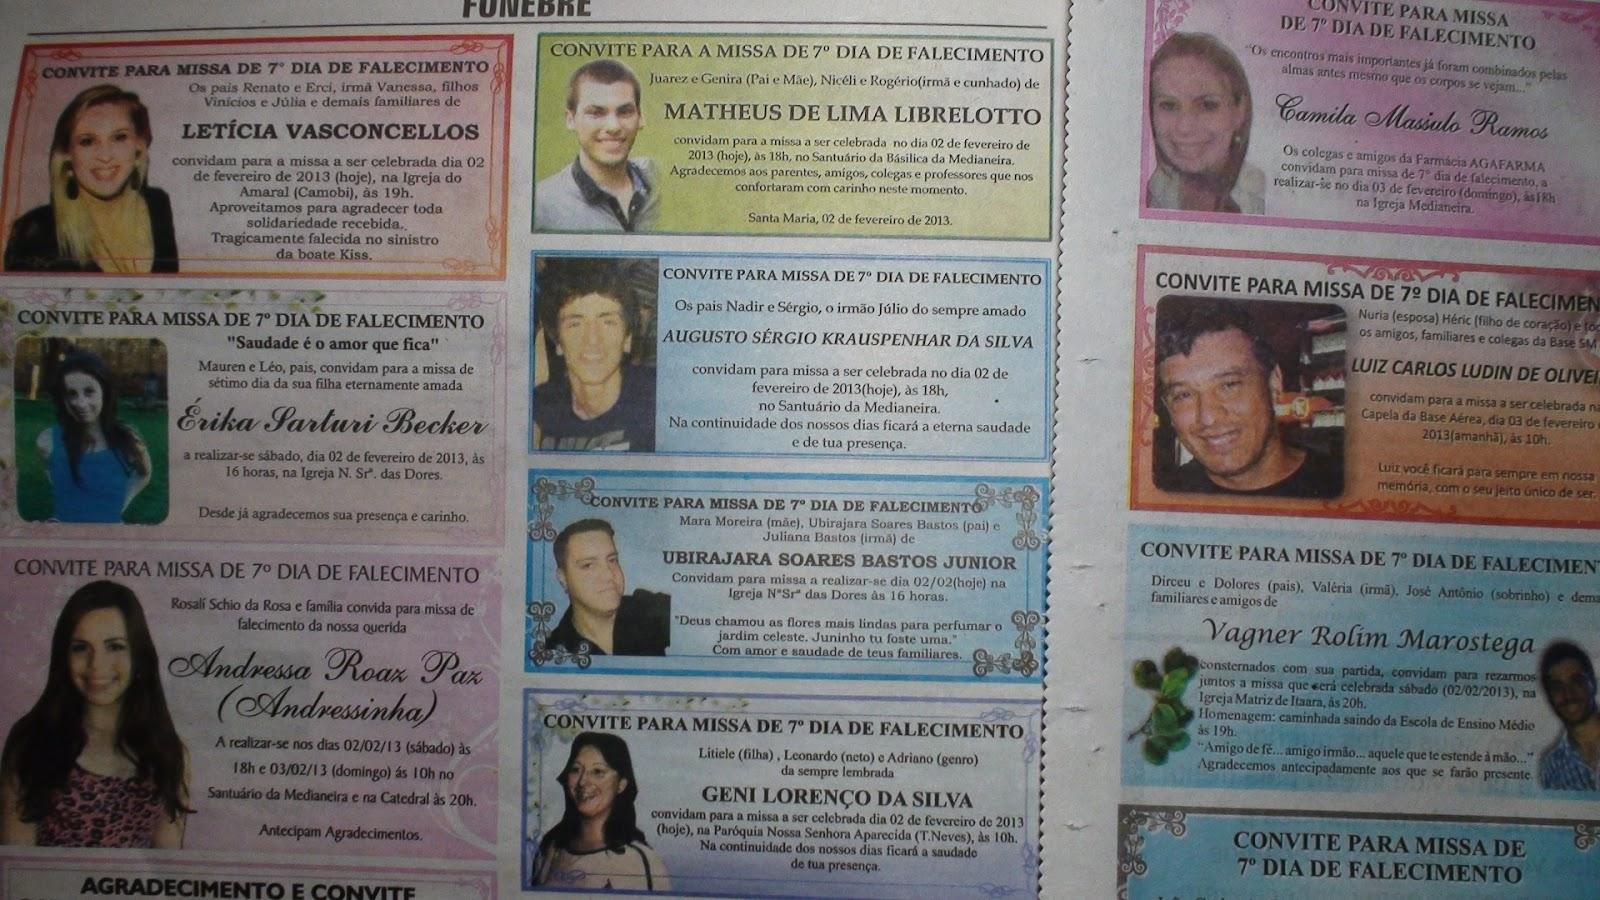 http://1.bp.blogspot.com/-78L3dYG0NXw/URMHsU7cp_I/AAAAAAAAfrU/qQNJWNOIJqg/s1600/2fev2013---jornais-de-santa-maria-rs-publicam-anuncios-das-missas-de-7-dia-dos-mortos-no-incendio-da-boate-kiss-todas-igrejas-locais-terao-atos-durante-todo-o-sabado-para-dar-conta-de-dezenas-de-1359812743610_1920x1080.jpg